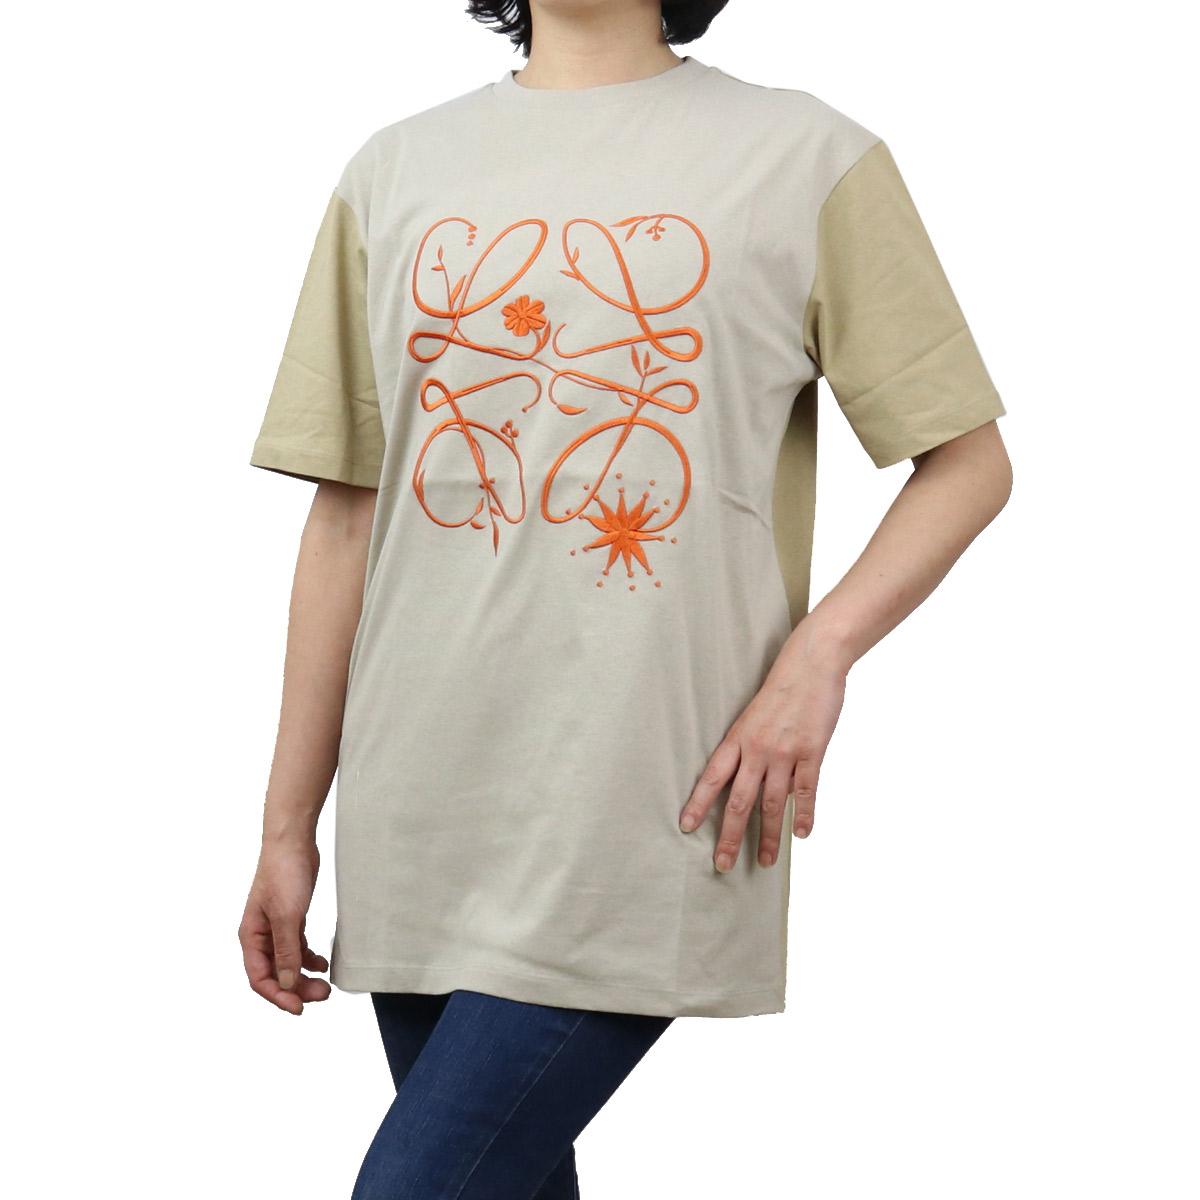 ロエベ LOEWE レディース-Tシャツ S540Y22X08 4000 ベージュ系 bos-35 apparel-01 レディース